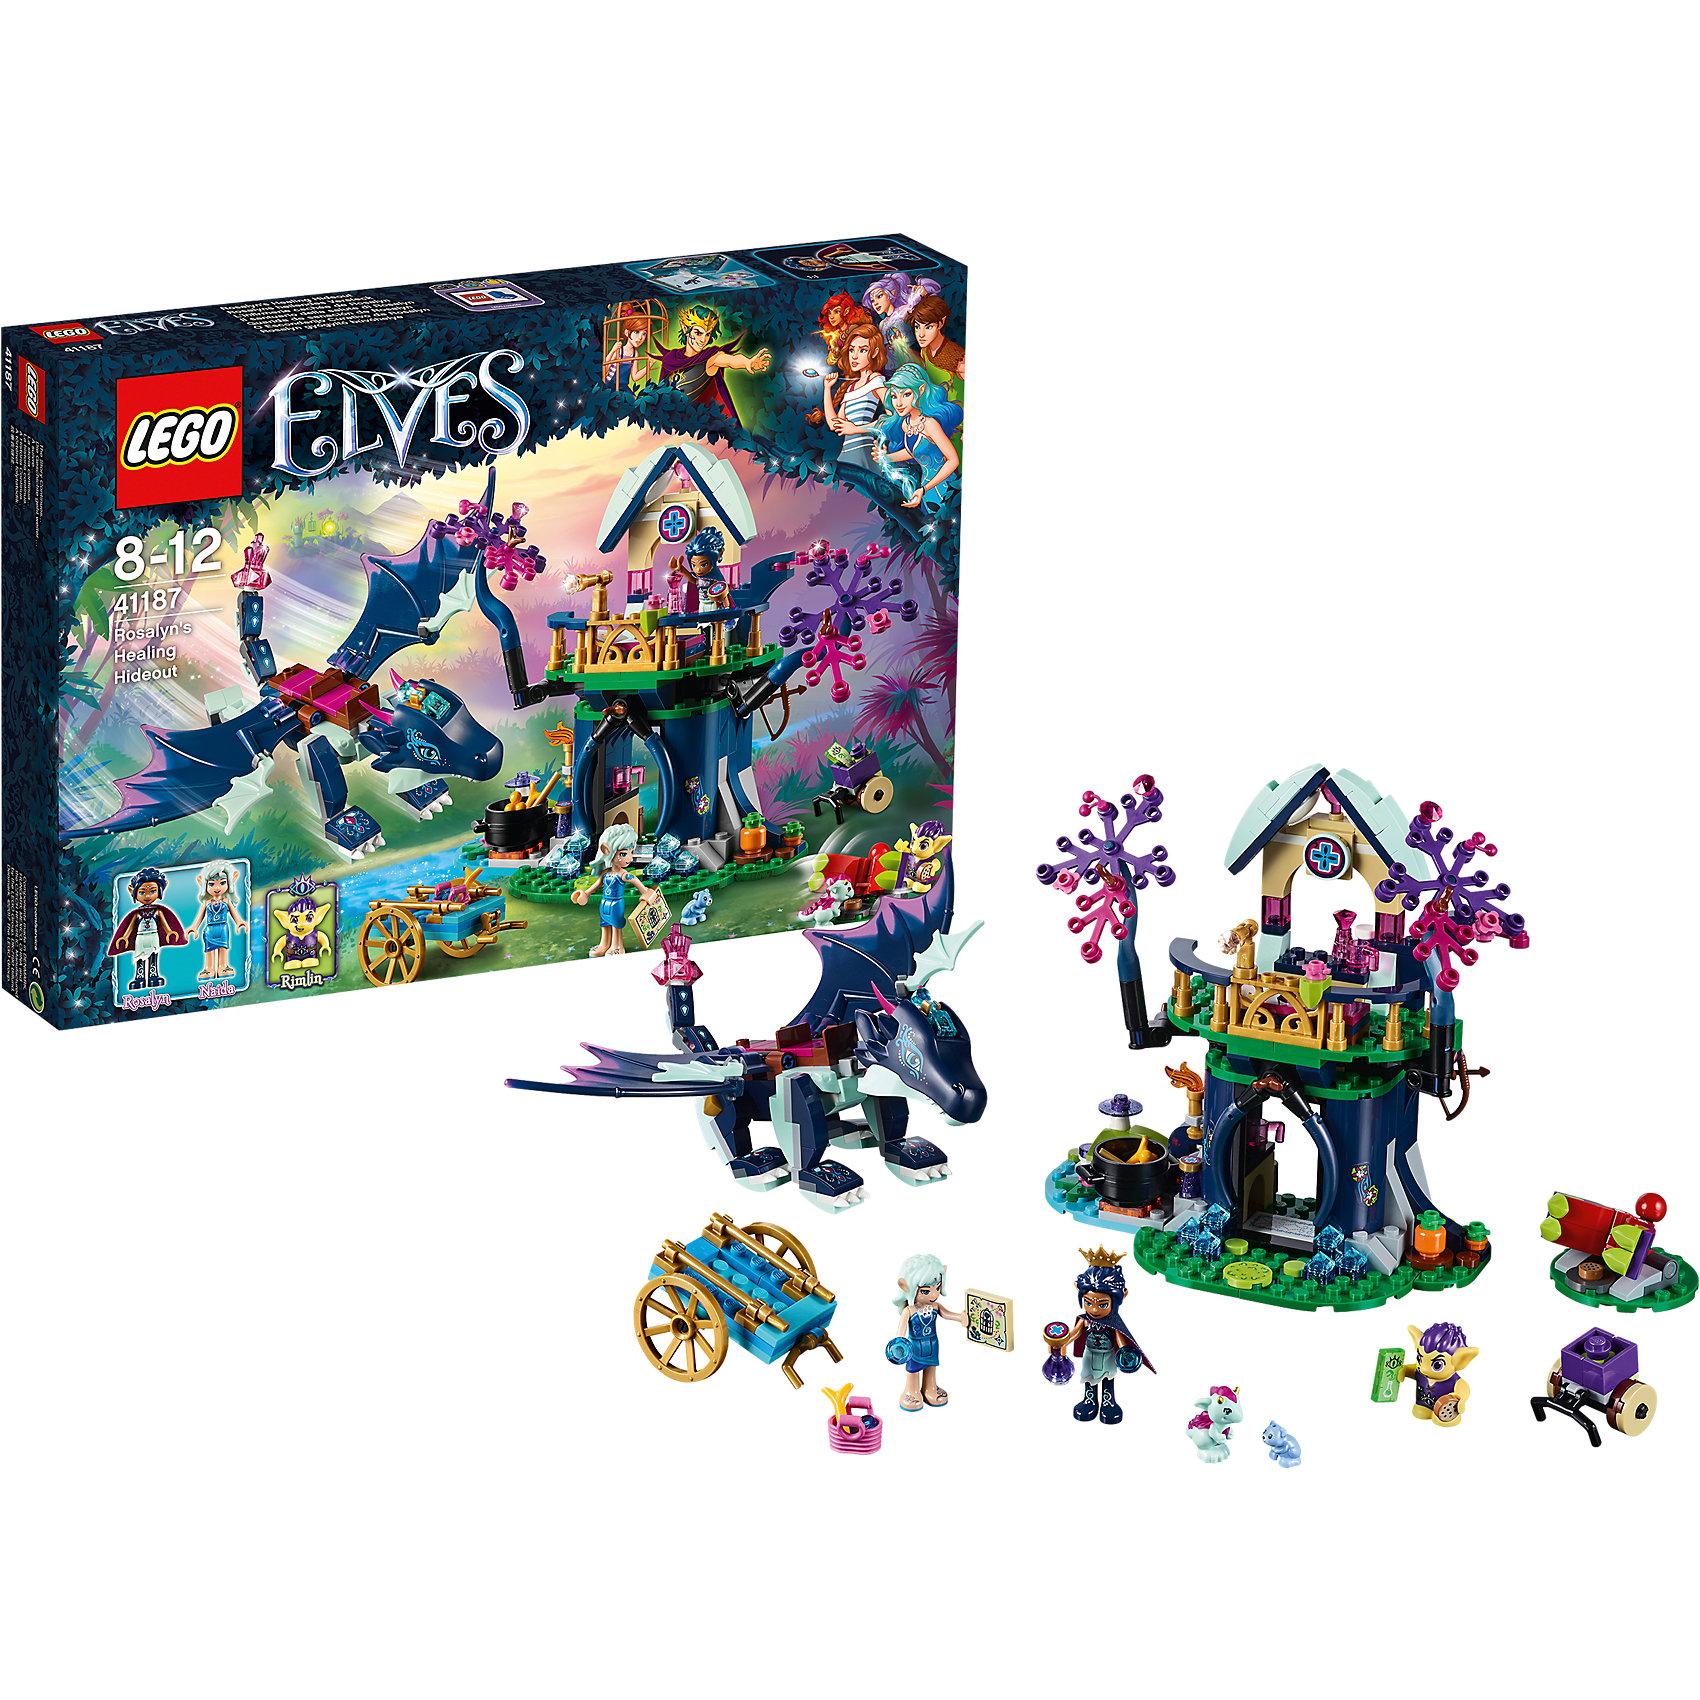 Конструктор Lego Elves 41187: Тайная лечебница РозалинПластмассовые конструкторы<br>Характеристики товара:<br><br>• возраст: от 8 лет;<br>• материал: пластик;<br>• количество деталей: 460 деталей;<br>• в комплекте: детали конструктора, 3 минифигурки, 2 микрофигурки, повозка, дракон, хищное растение, аксессуары<br>• размер упаковки: 38,2х26,2х5,7 см;<br>• вес упаковки: 615 гр.;<br>• страна производитель: Китай.<br><br>Конструктор Lego Elves «Тайная лечебница Розалин» относится к серии Лего Эльфы, рассказывающей о хранительнице портала между миром эльфов и людей Эмили Джонс. В лечебнице Розалин имеется все необходимое для исцеления: колбы, кристаллы, овощи, котел. Для защиты от гоблинов Розалин использует лук, а также телескоп для осмотра местности. С ней ее верный дракон Сапфир. К Розалин заехала эльф воды Наида и привезла продуктов.<br><br>Из элементов конструктора предстоит собрать домик, повозку, дракона, фигурки эльфов и гоблина. С ними девочка сможет придумать захватывающие сюжеты для игры. Сборка конструктора развивает у детей мелкую моторику рук, усидчивость, логическое мышление.<br><br>Конструктор Lego Elves «Тайная лечебница Розалин» можно приобрести в нашем интернет-магазине.<br><br>Ширина мм: 382<br>Глубина мм: 262<br>Высота мм: 57<br>Вес г: 486<br>Возраст от месяцев: 96<br>Возраст до месяцев: 2147483647<br>Пол: Женский<br>Возраст: Детский<br>SKU: 5620040